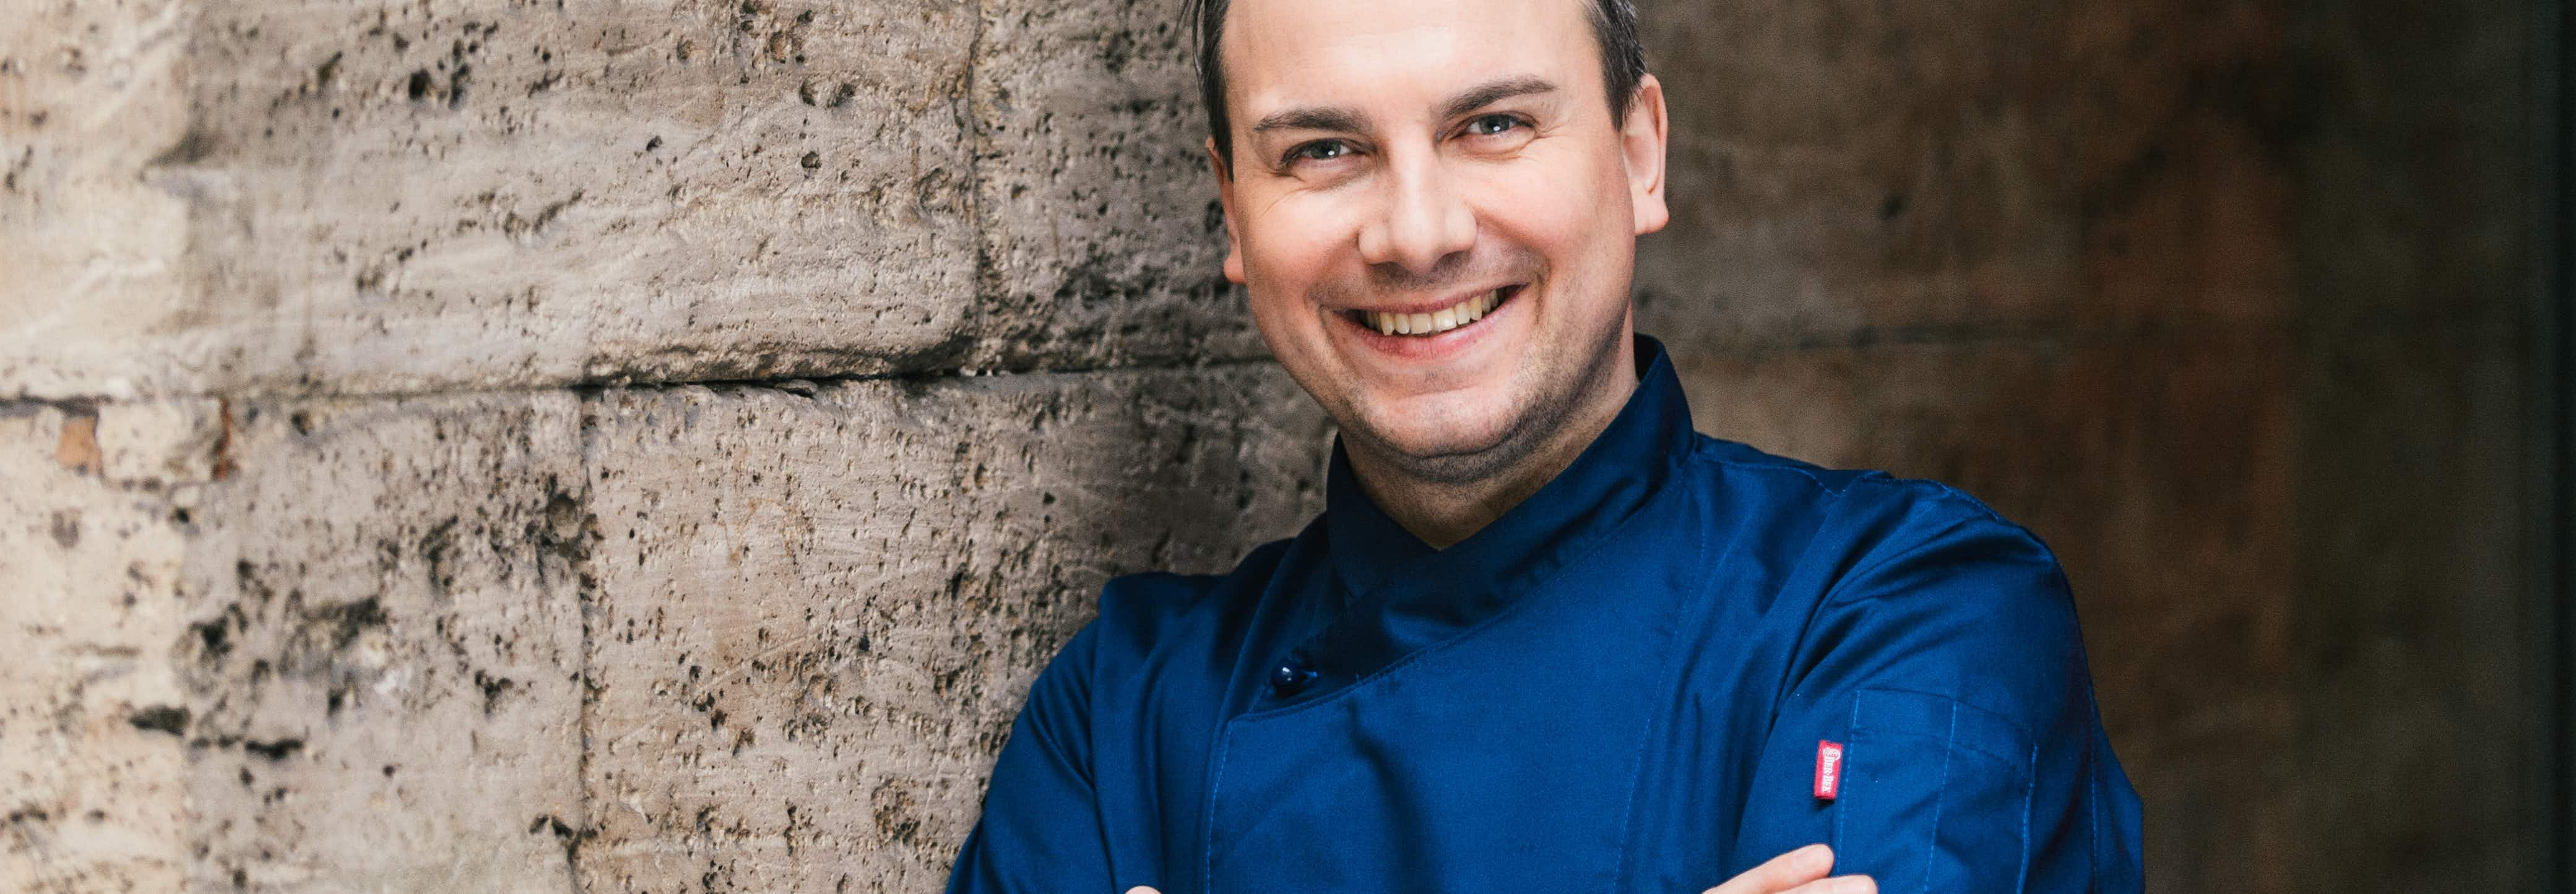 Tim Raue - 2-Sterne Koch und kulinarischer Berater der Brasserie Colette Tim Raue